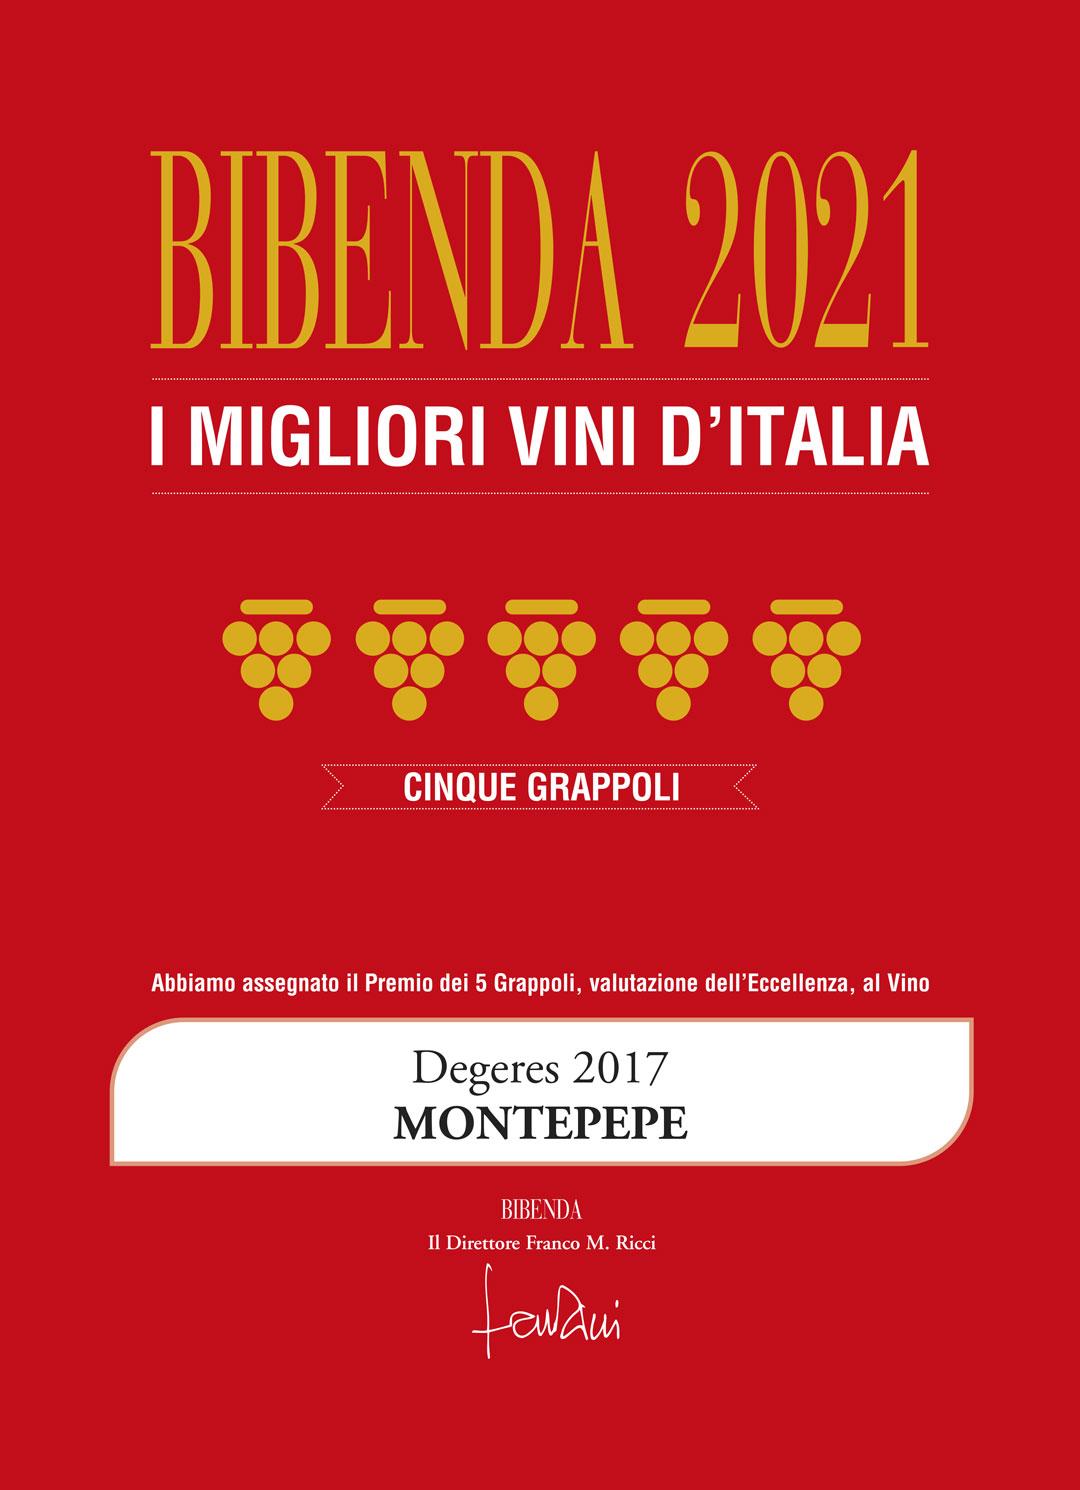 Bibenda 2021